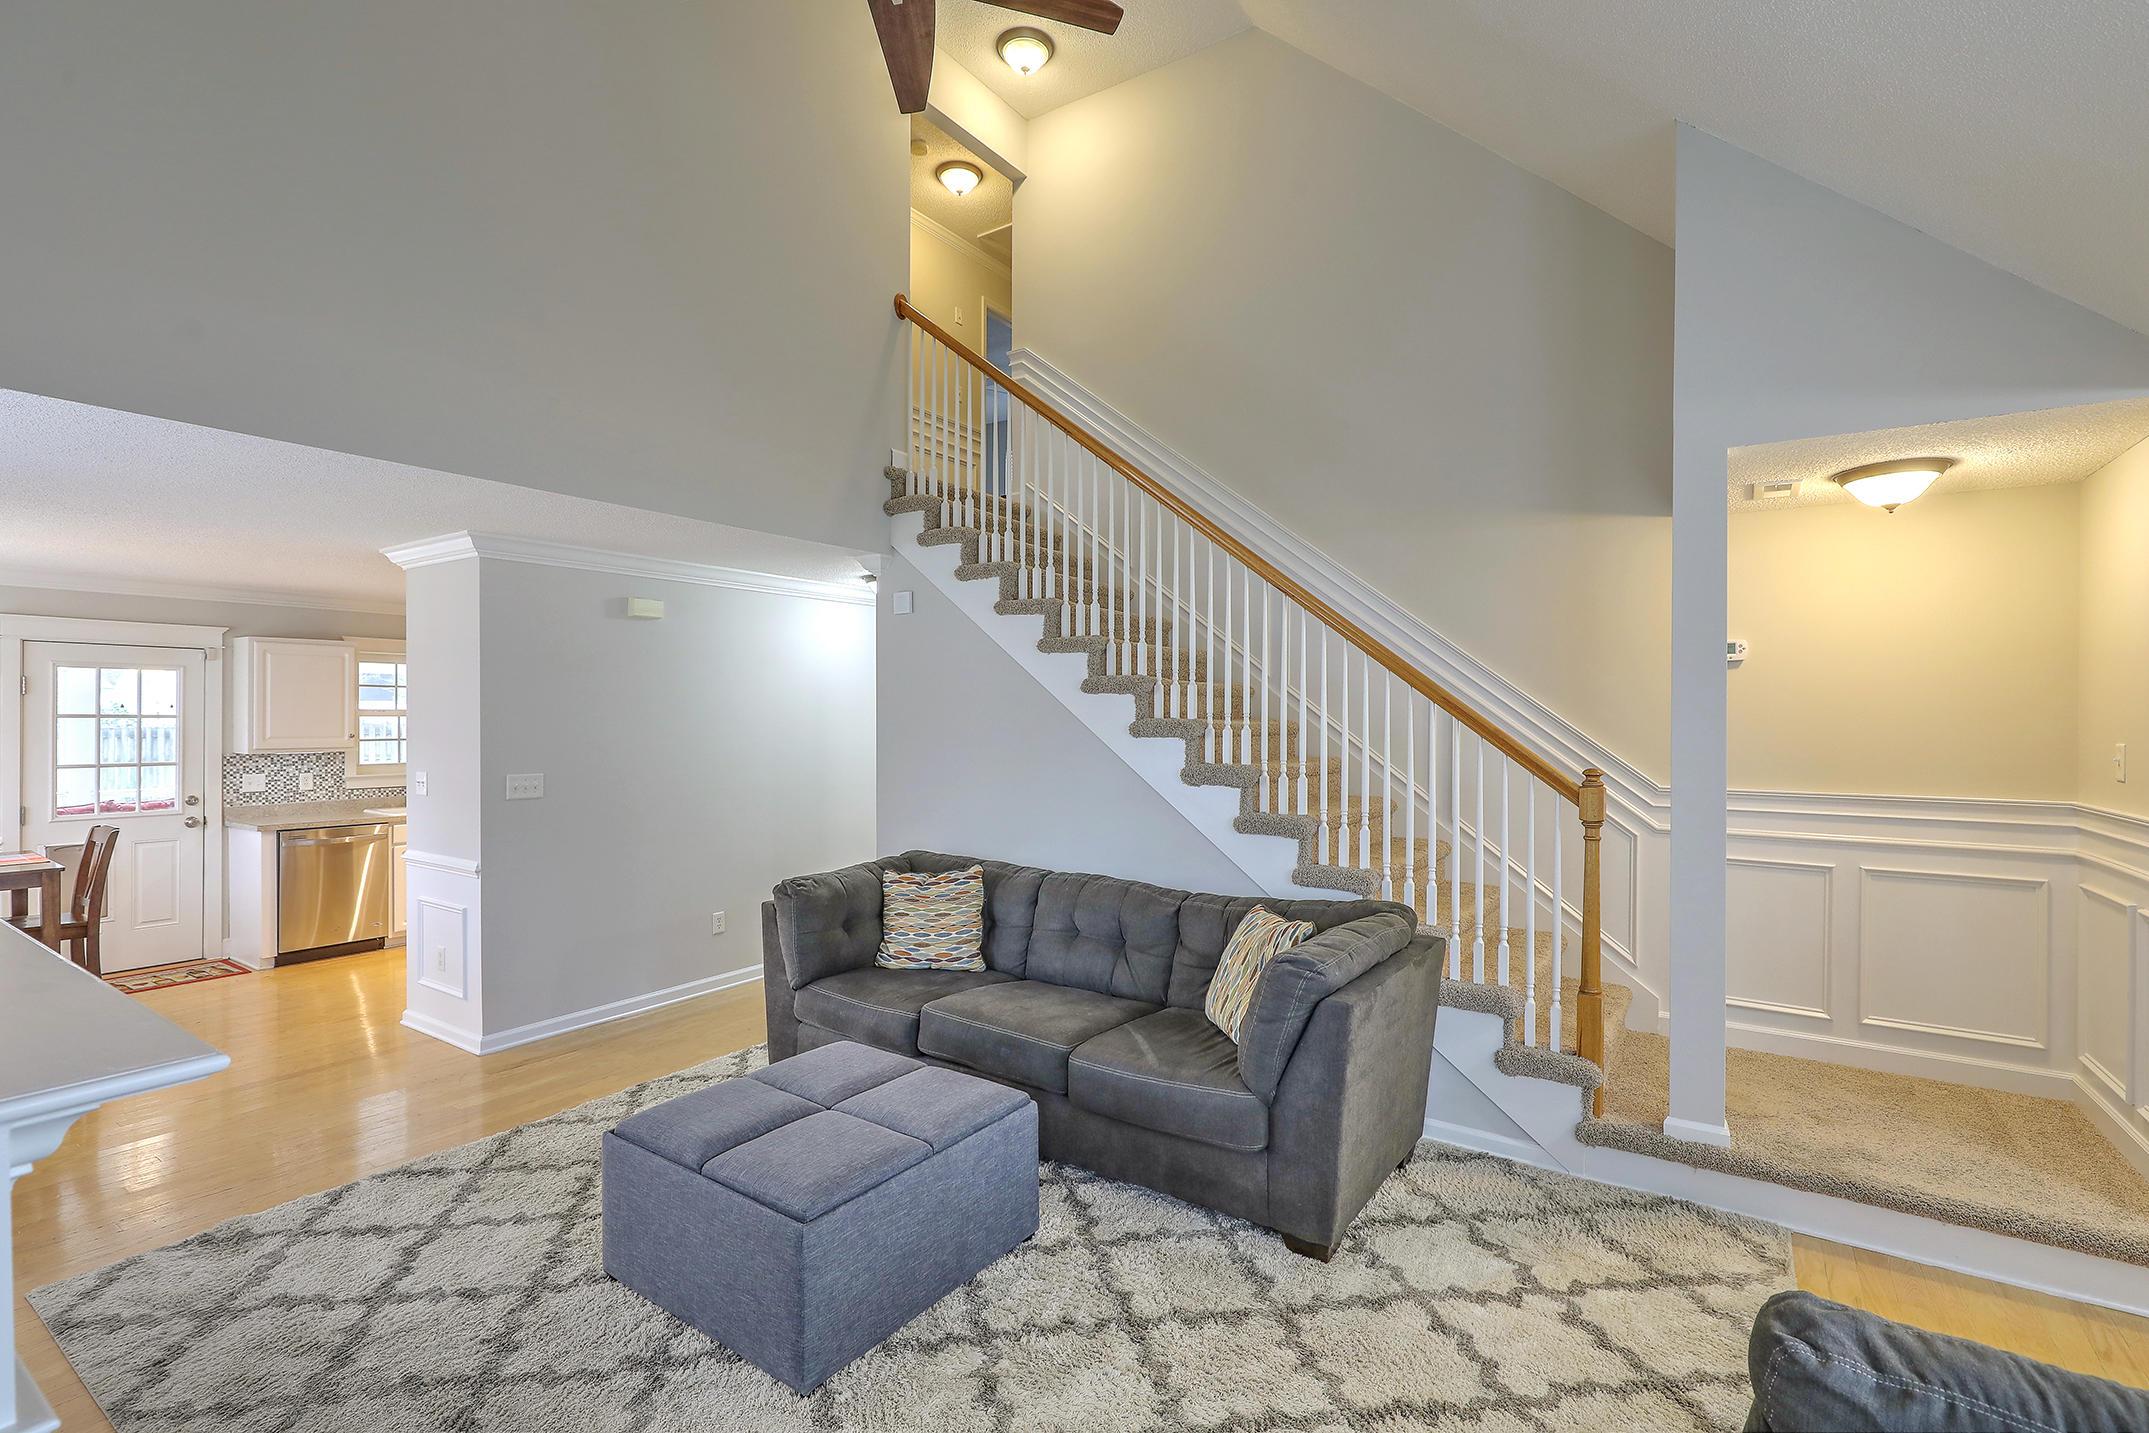 Lawton Harbor Homes For Sale - 559 Cecilia Cove, Charleston, SC - 6